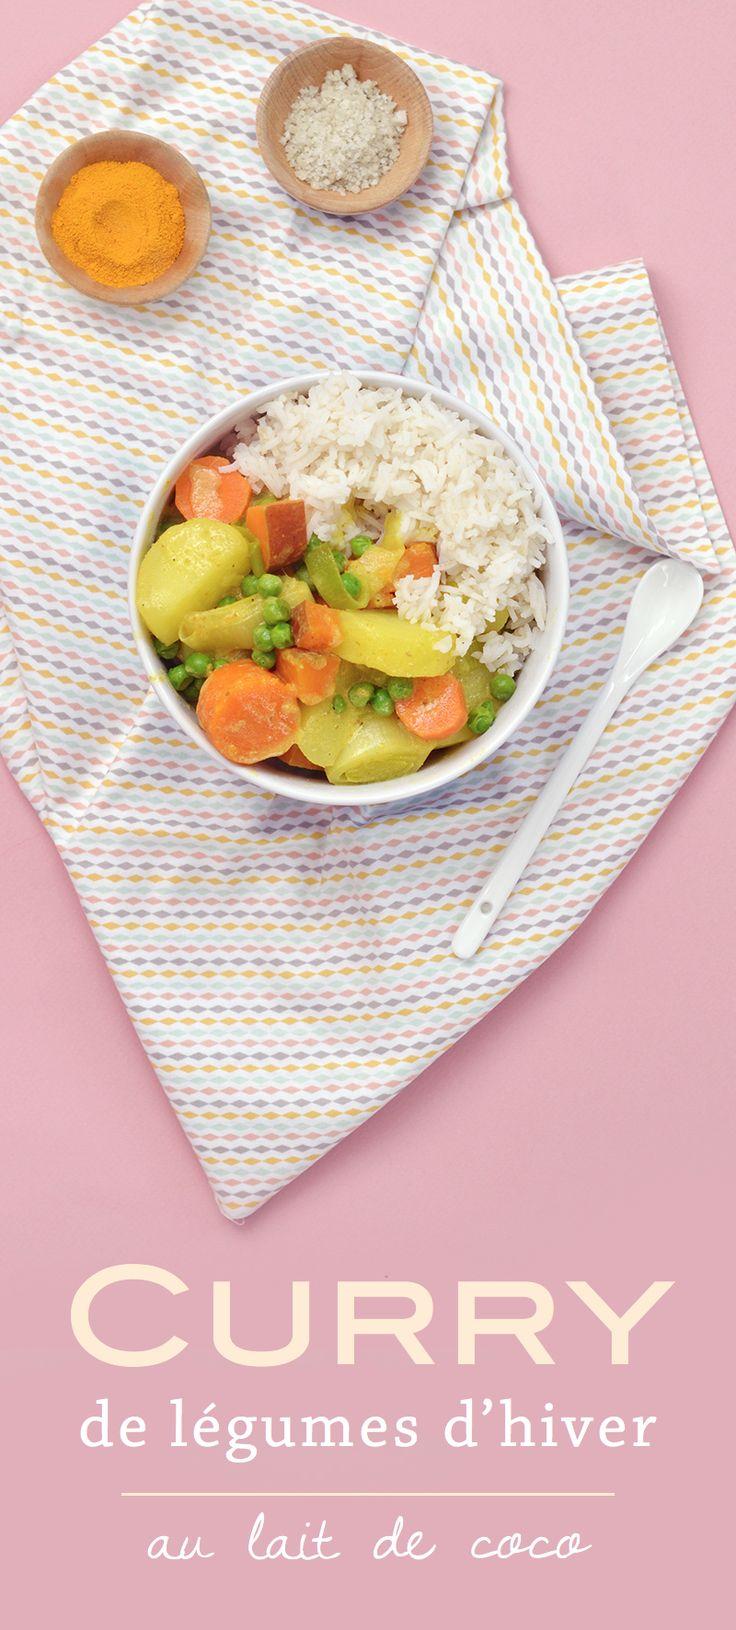 L'avantage du curry de légumes : il n'y a pas de règles ! On peut le cuisiner selon nos envies et avec les légumes qu'on trouve au marché ! Voici ma version vegan et sans gluten au Vitaliseur !